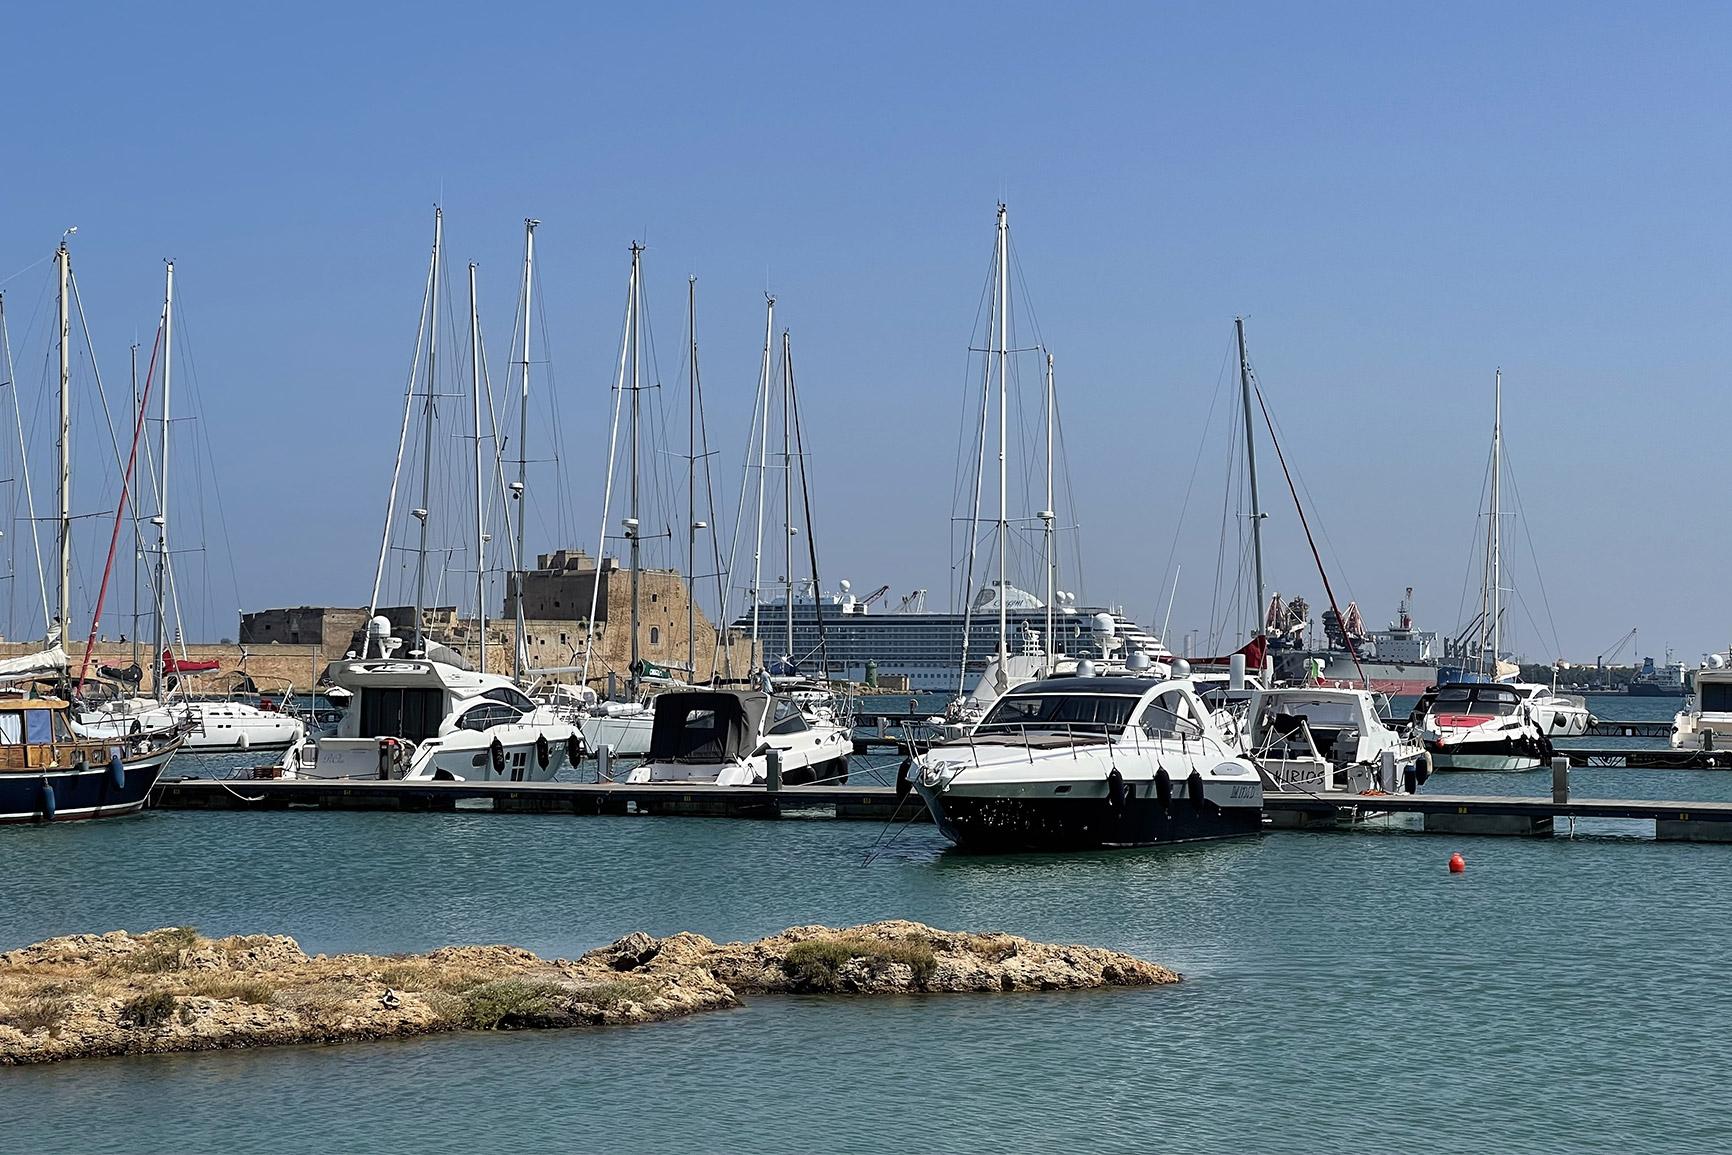 porto-turistico-marina-di-brindisi-(3)